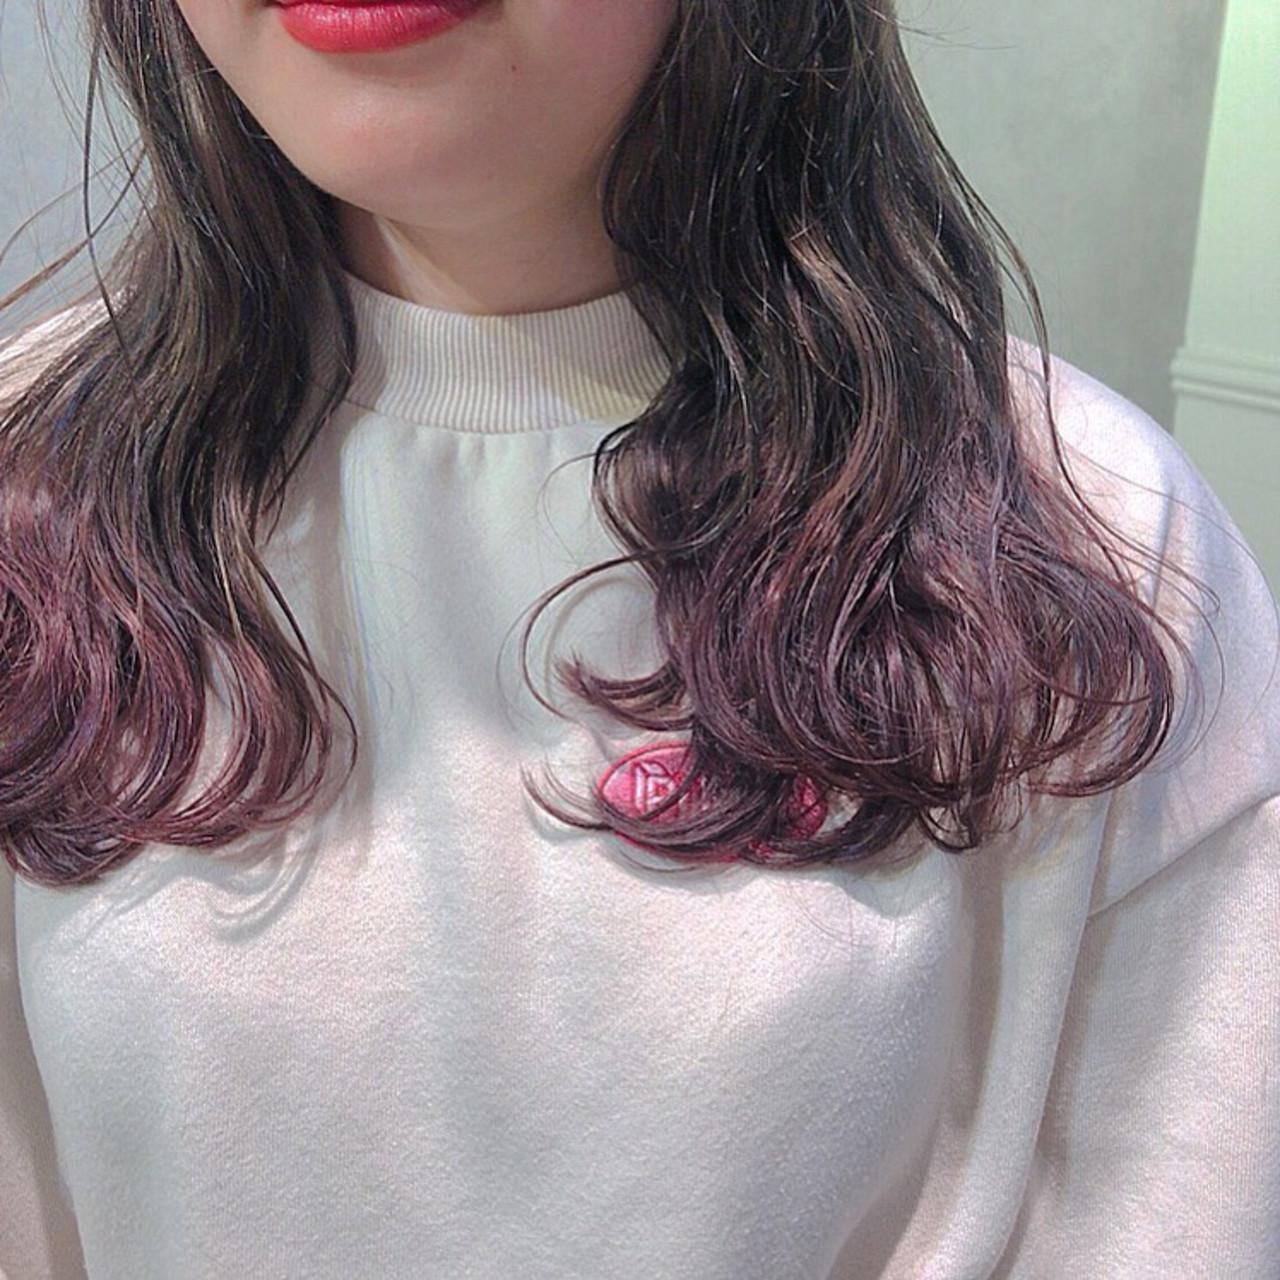 グラデーションカラー 裾カラー ガーリー セミロング ヘアスタイルや髪型の写真・画像 | 永澤佑衣 / December